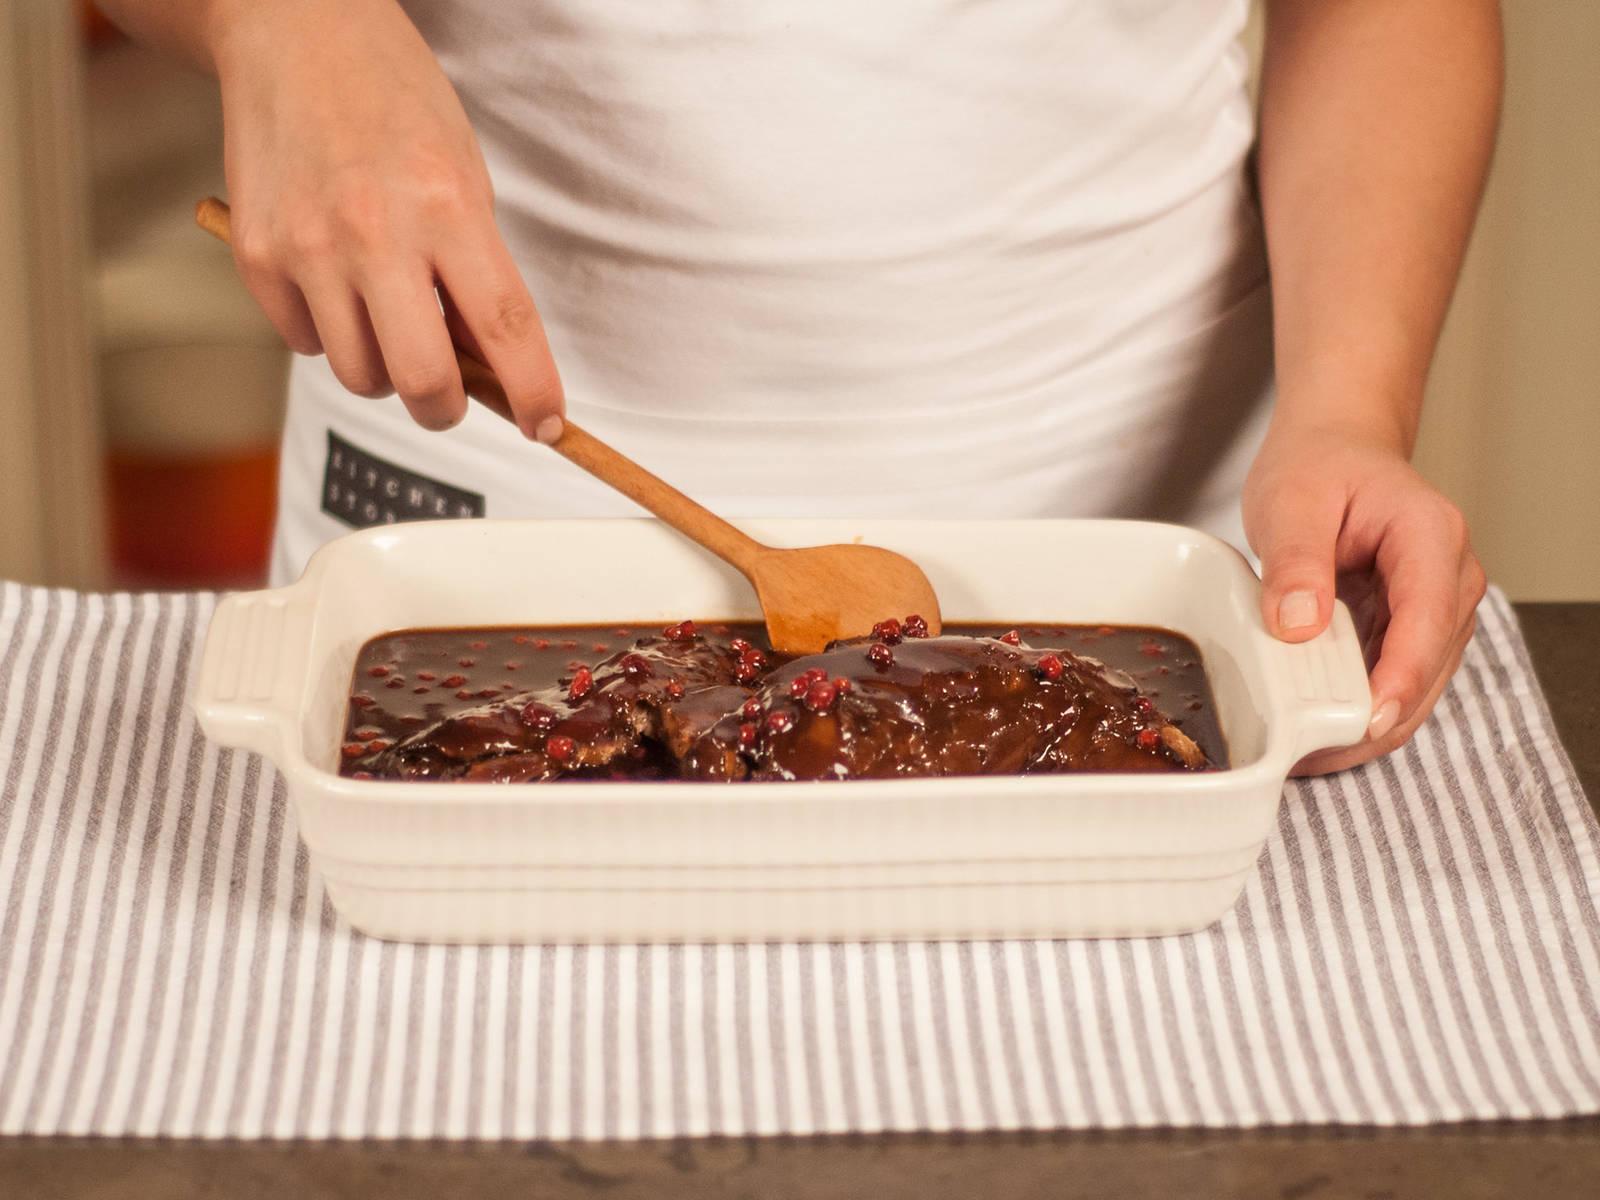 将上一步中熬好的越桔酱汁倒在鹿肉上,即可享用!